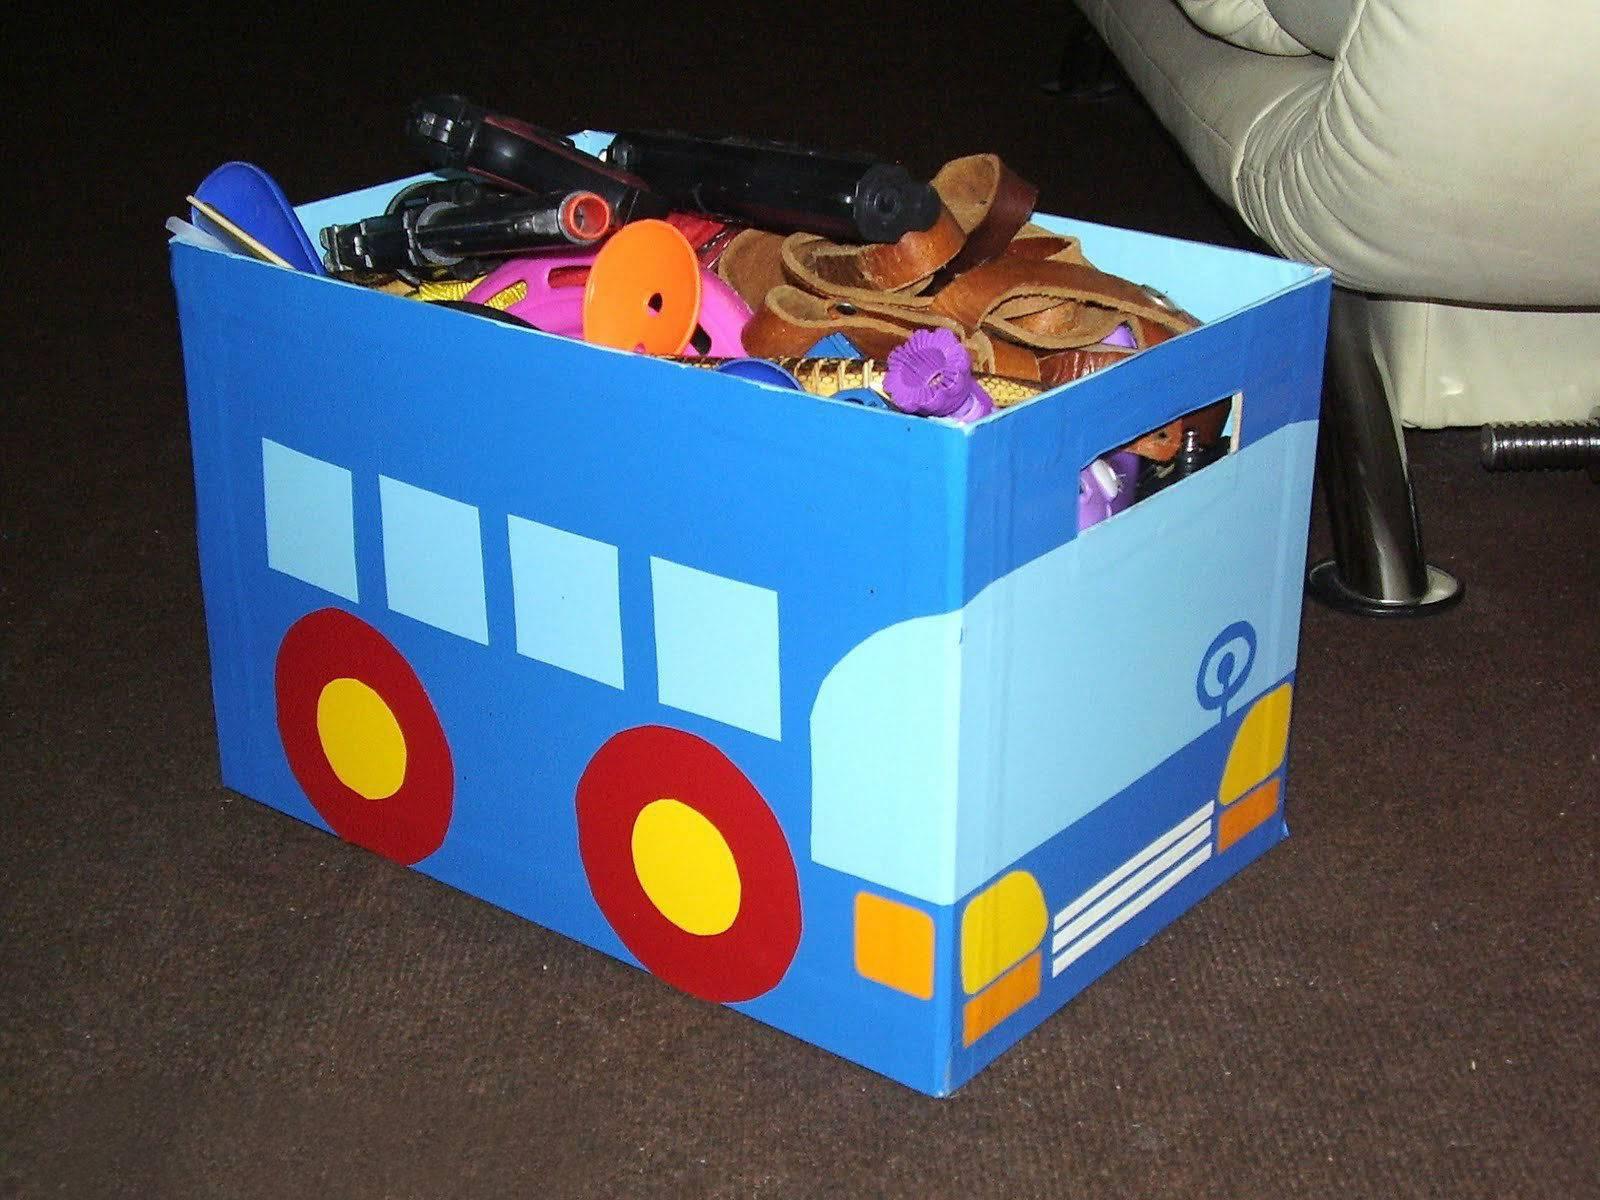 Как организовать хранение детских игрушек: много идей и фото — все для развития ребенка